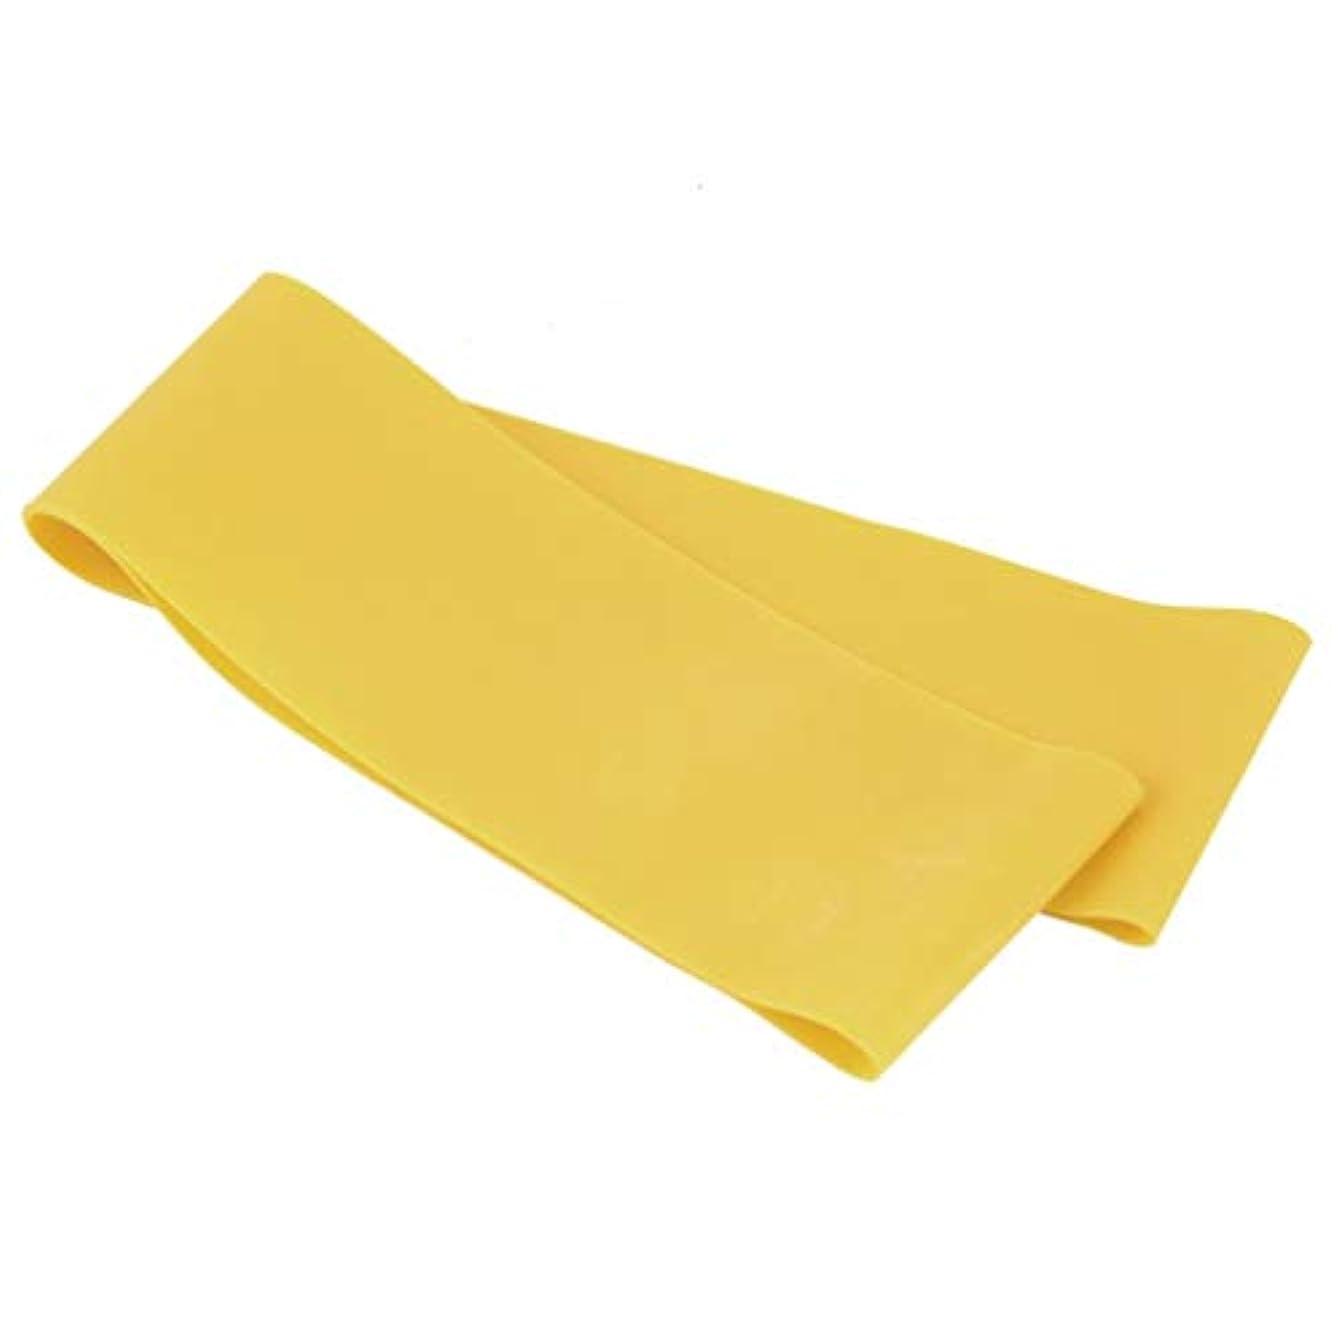 まあ正規化ホーン滑り止めの伸縮性のあるゴム製伸縮性があるヨガのベルトバンド引きロープの張力抵抗バンドループ強さのためのフィットネスヨガツール - 黄色